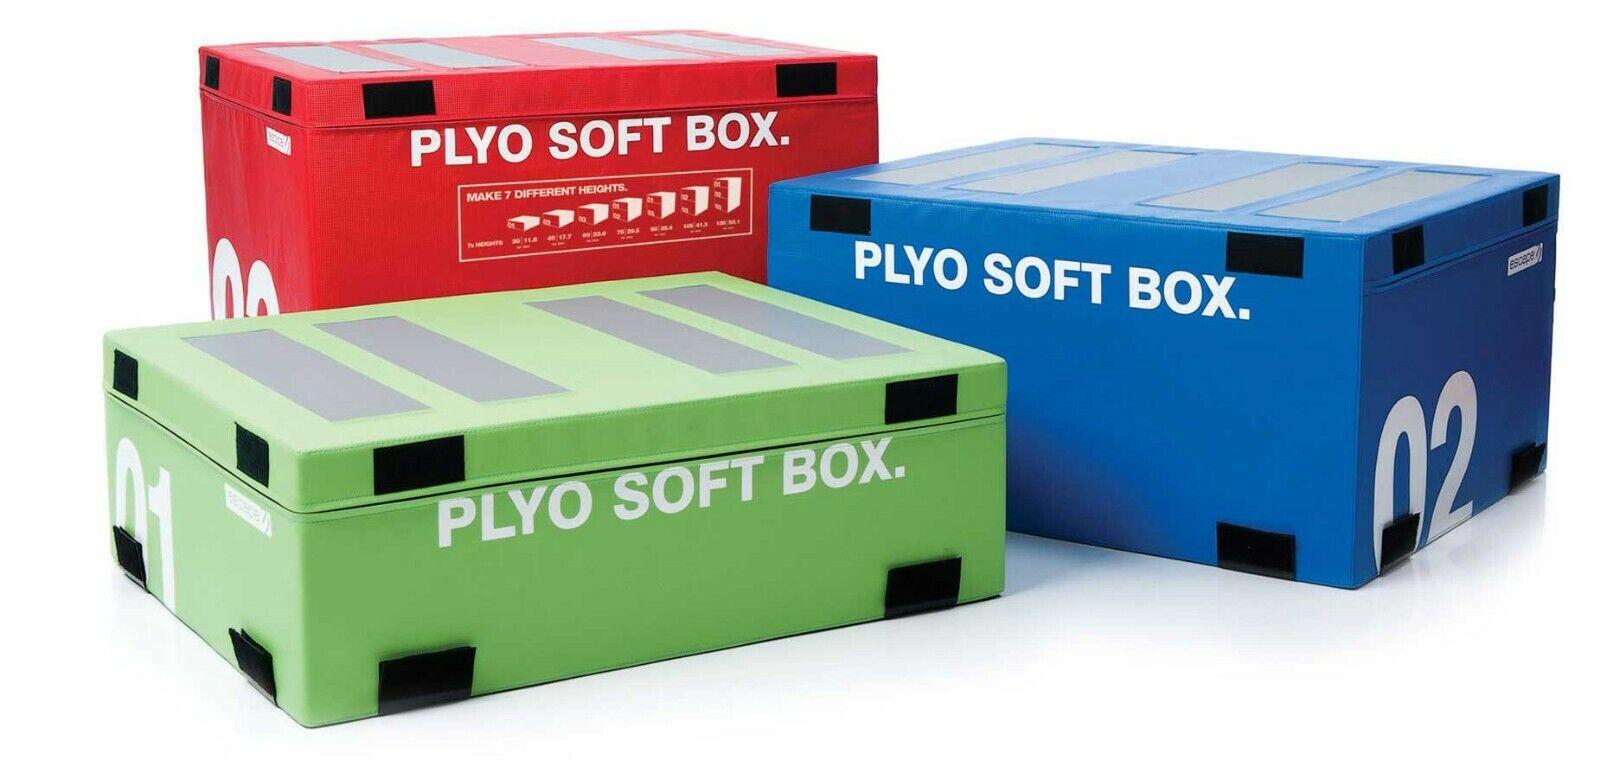 Escape Fitness Plyosoft Box Set 01, 02 and 03